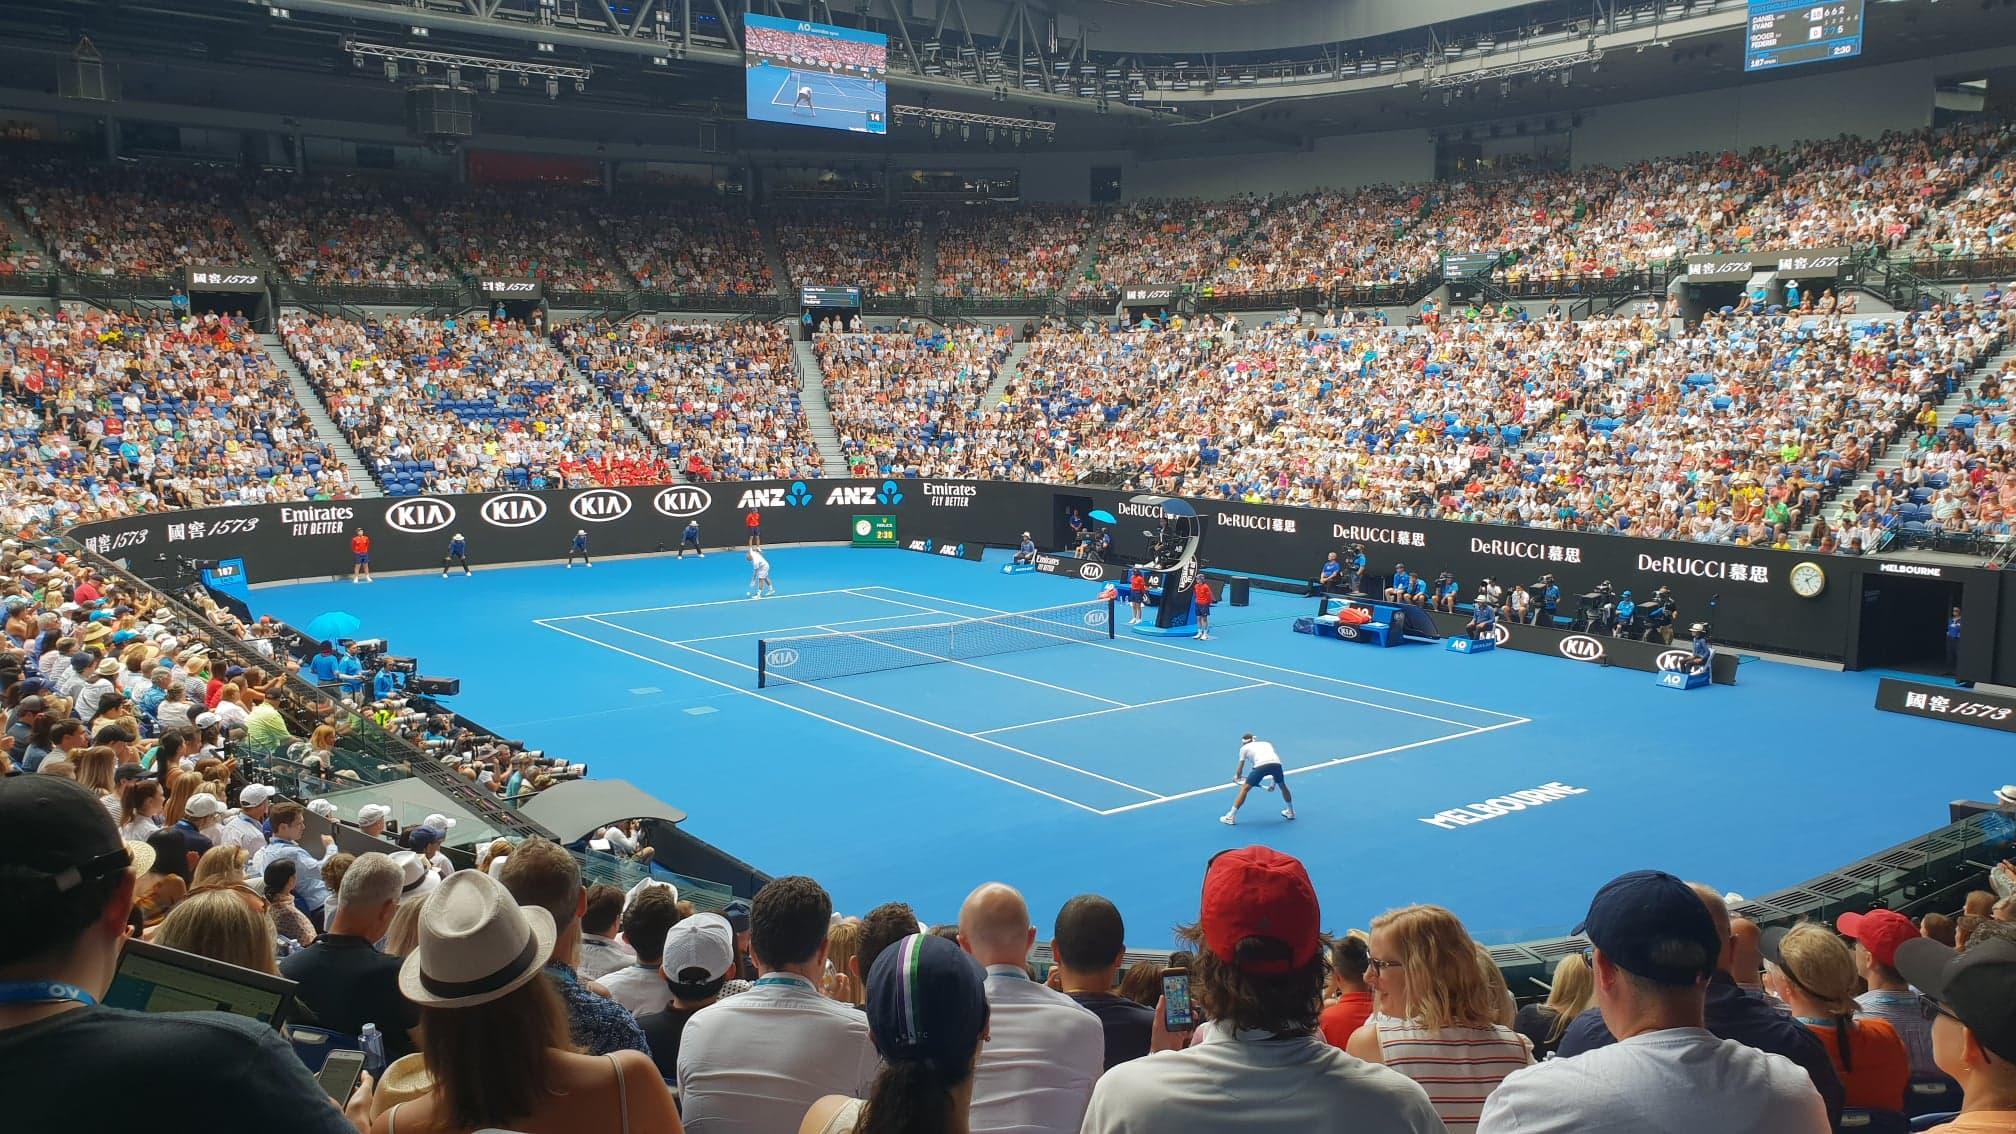 Suicide Tennis Australian Open 2020 Day 3 Oop On Post